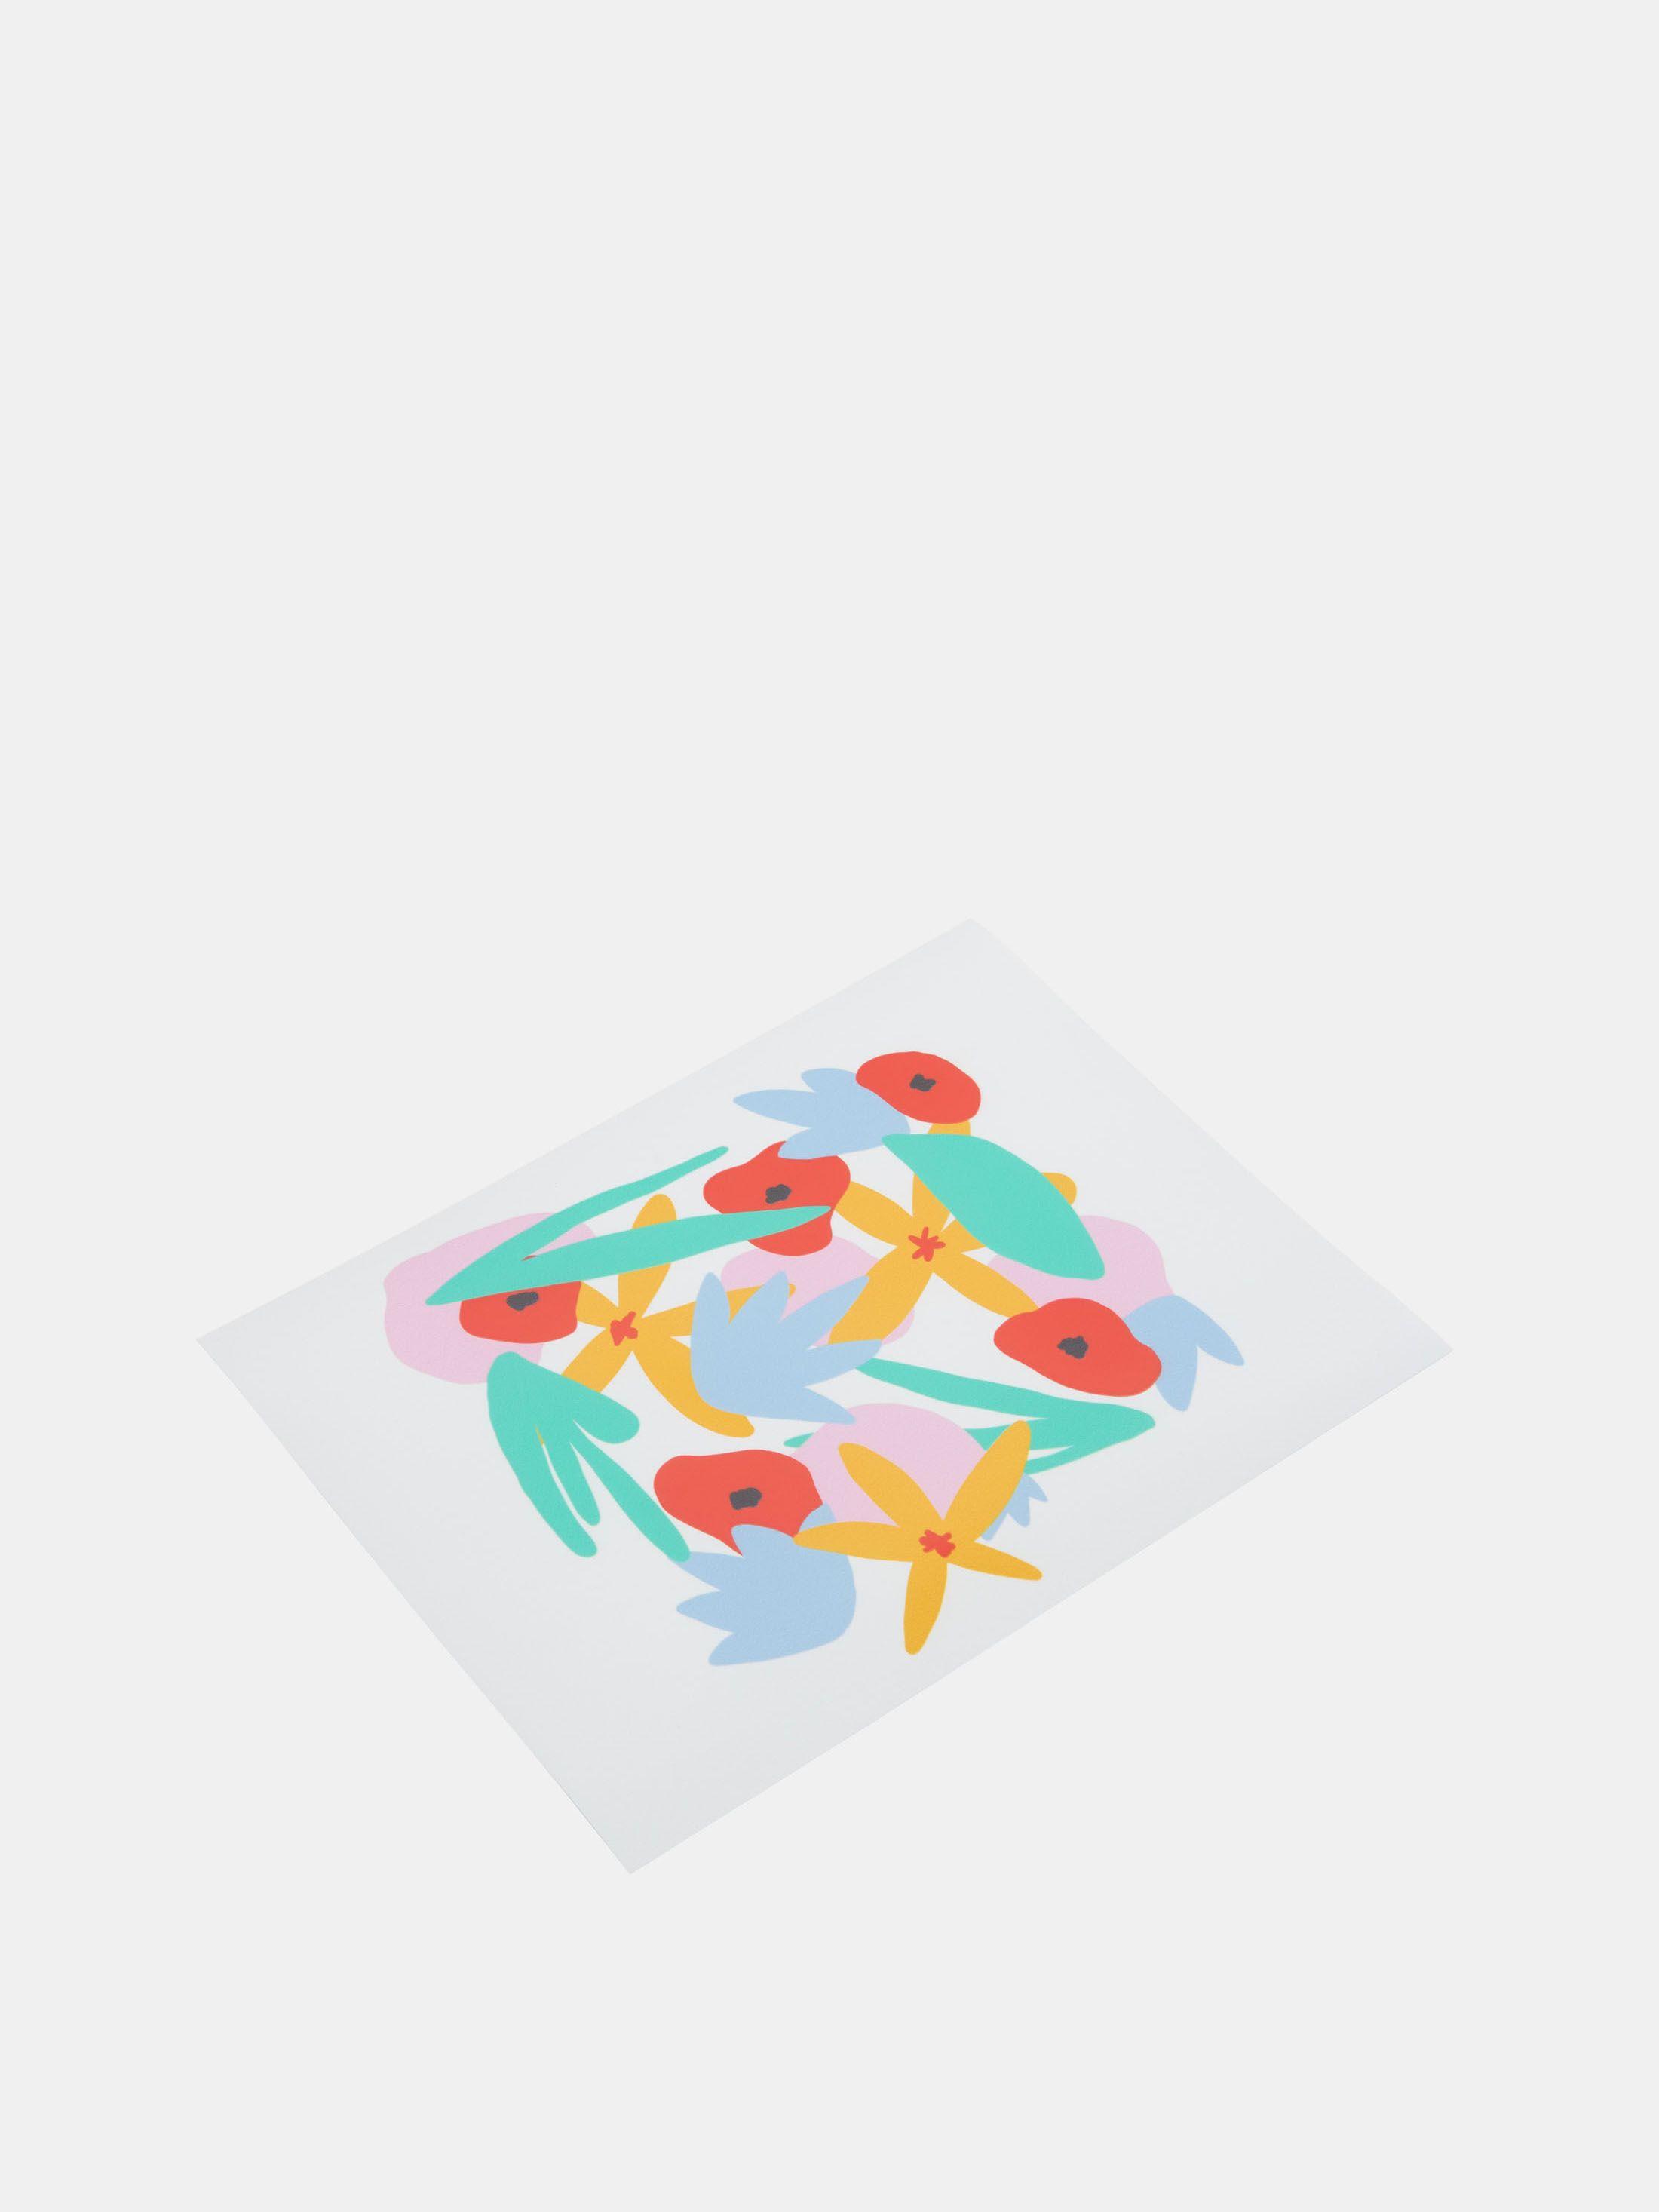 ポスター印刷